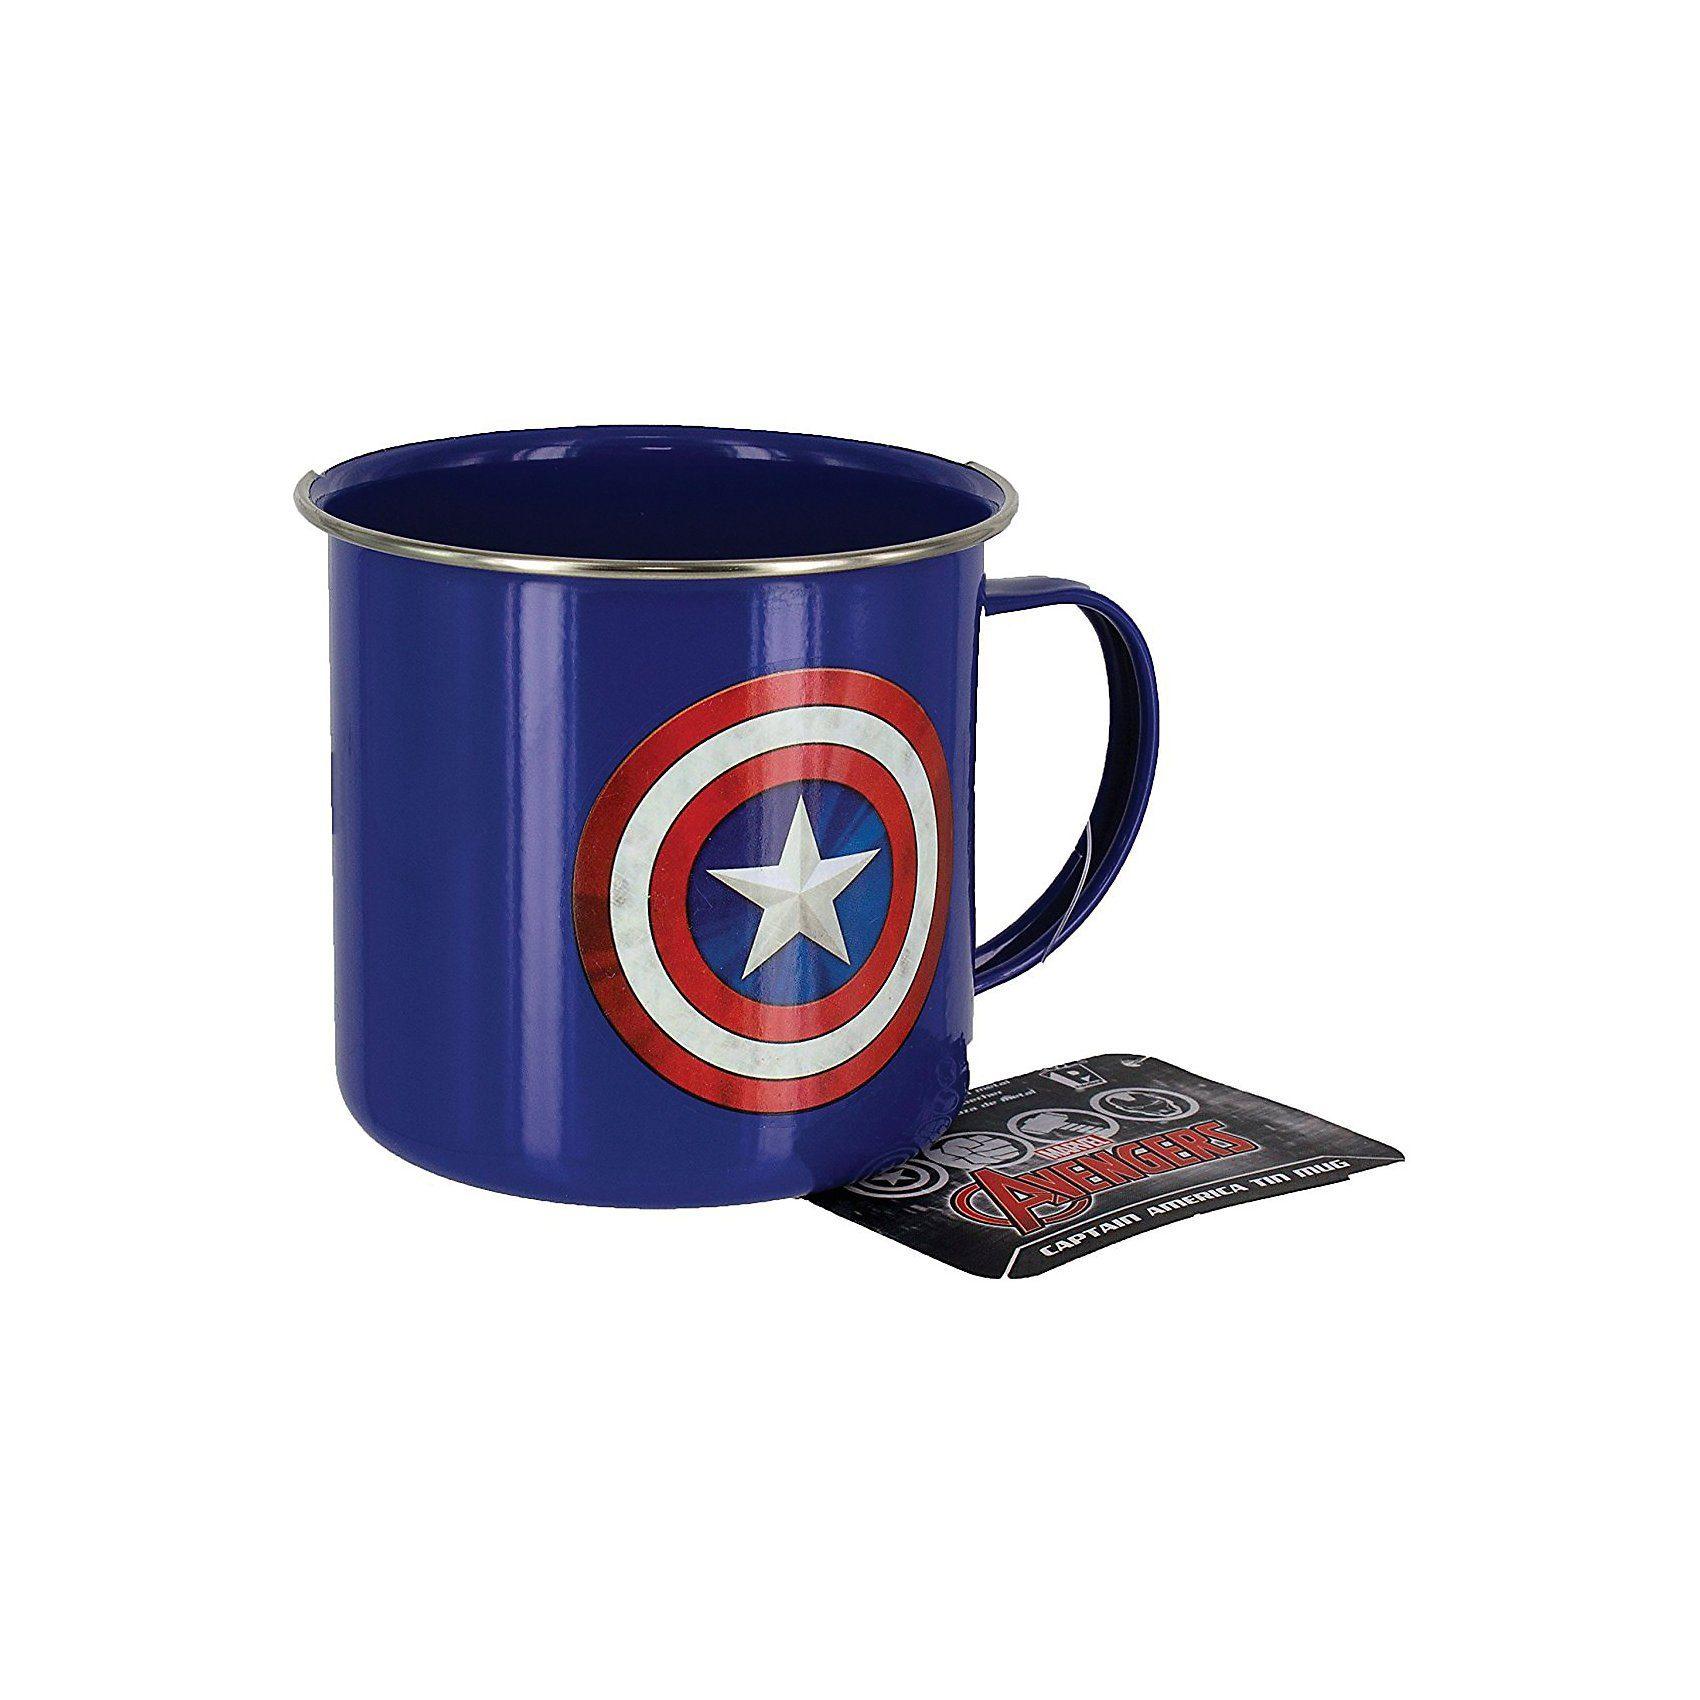 Marvel Avengers Captain America Metallbecher 450ml